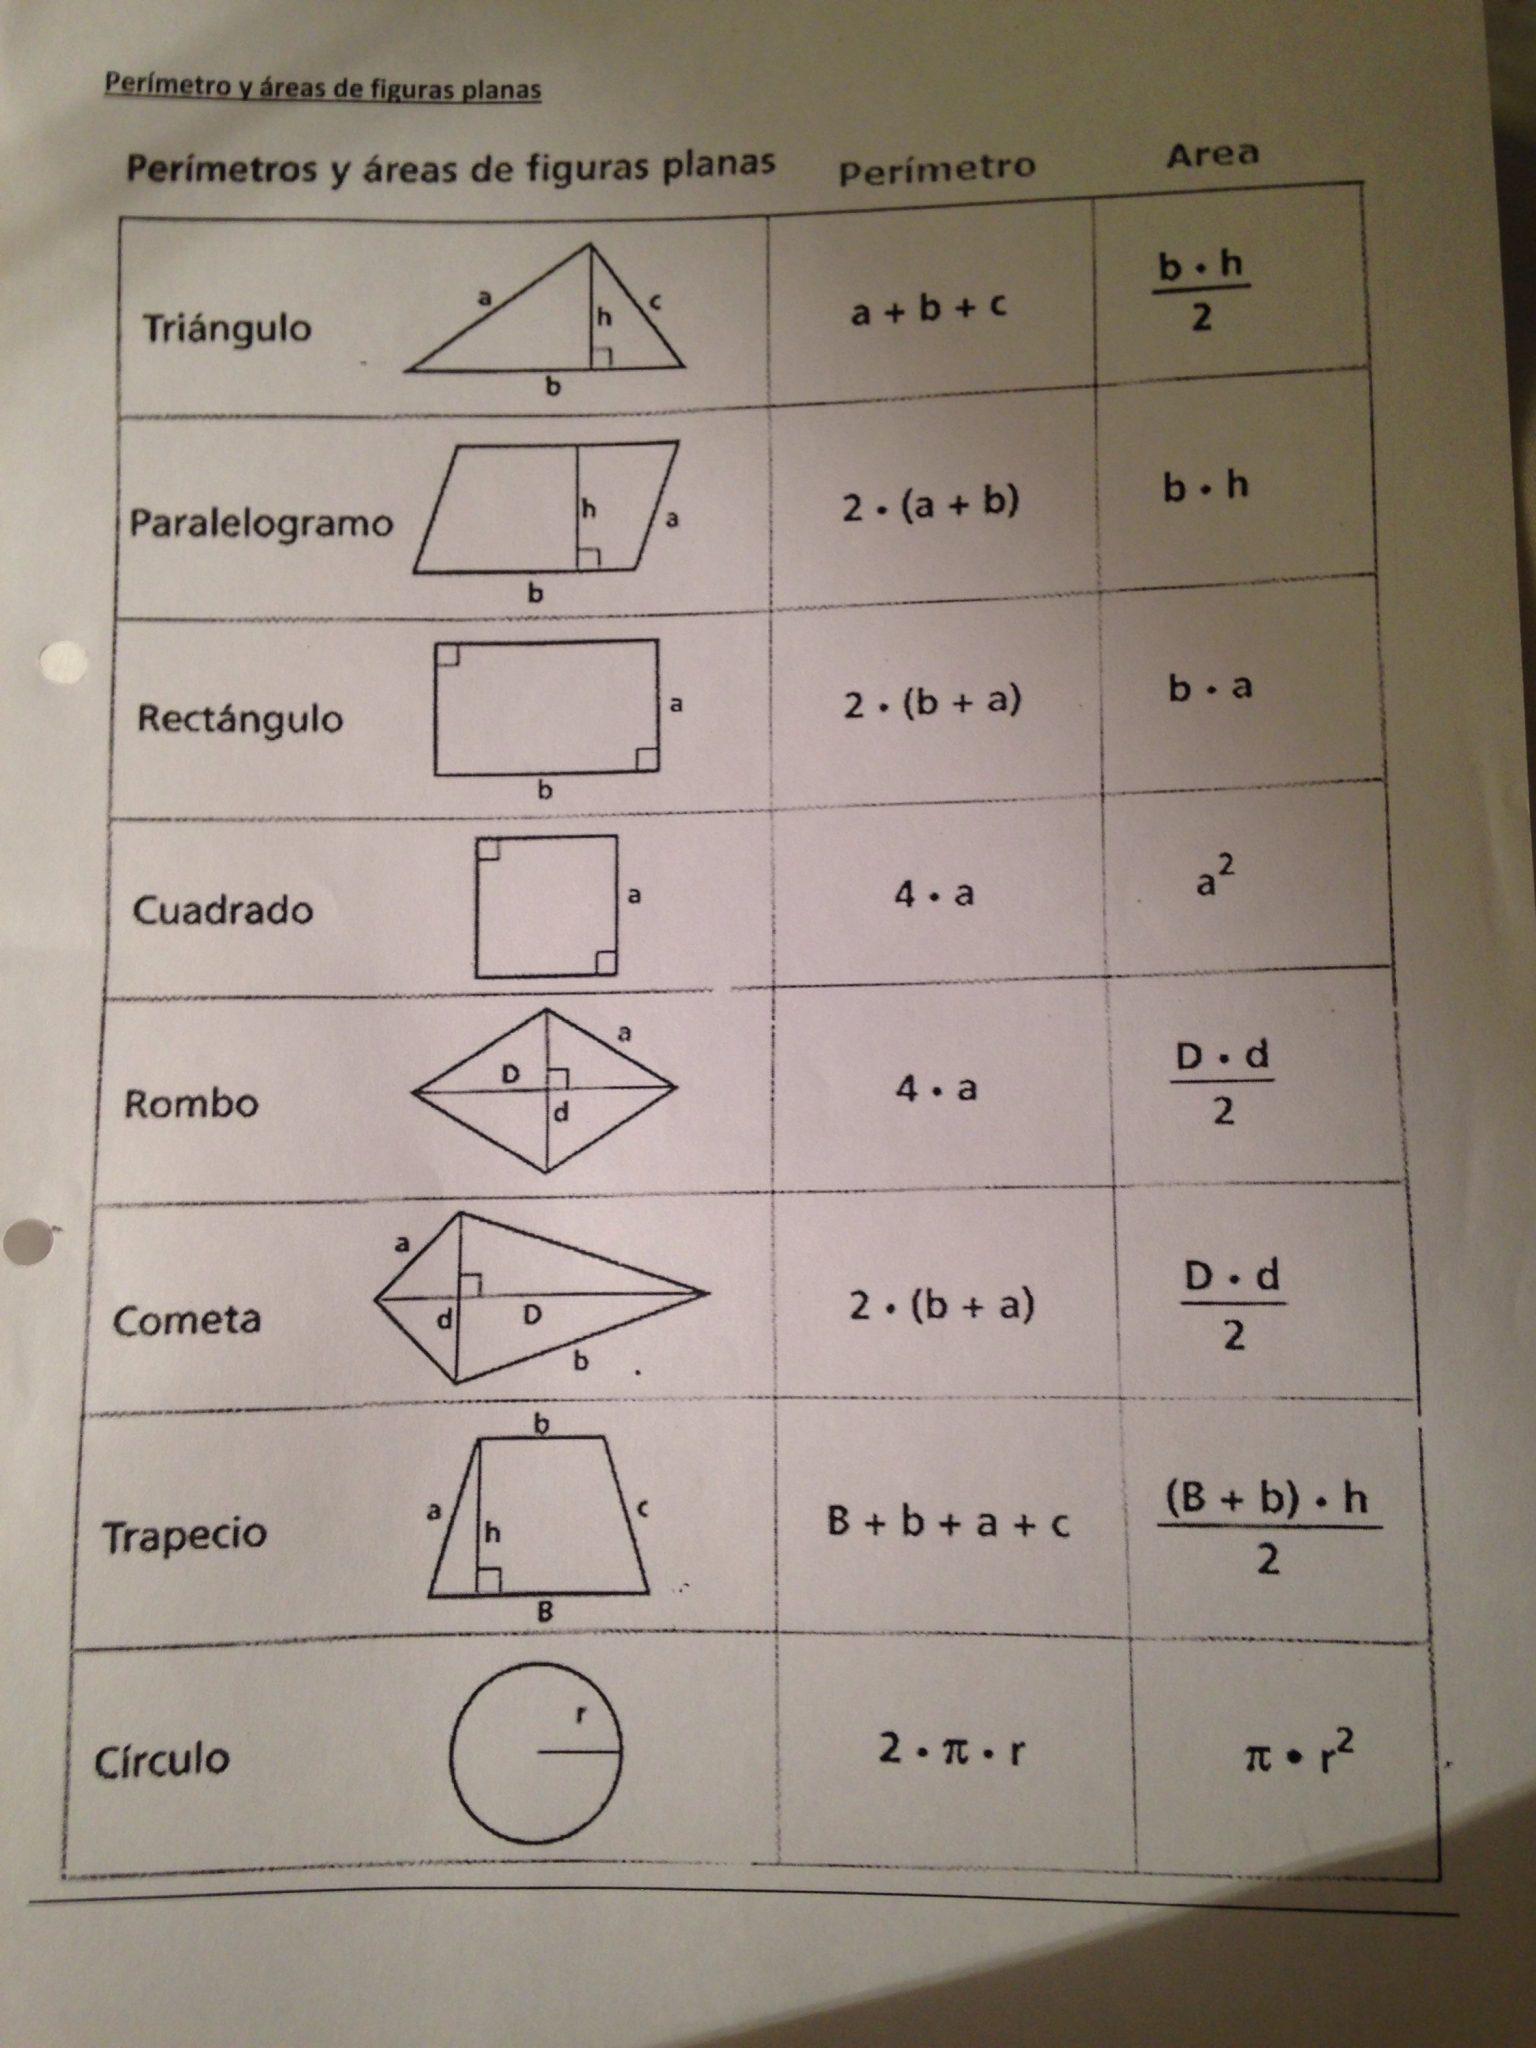 Mi Librito De Las Figuras furthermore Medidas De Superficie further Solidos Geometricos Ejercicios Resueltos En Primaria as well Img also Binomionewtonfac. on las formulas de figuras geometricas